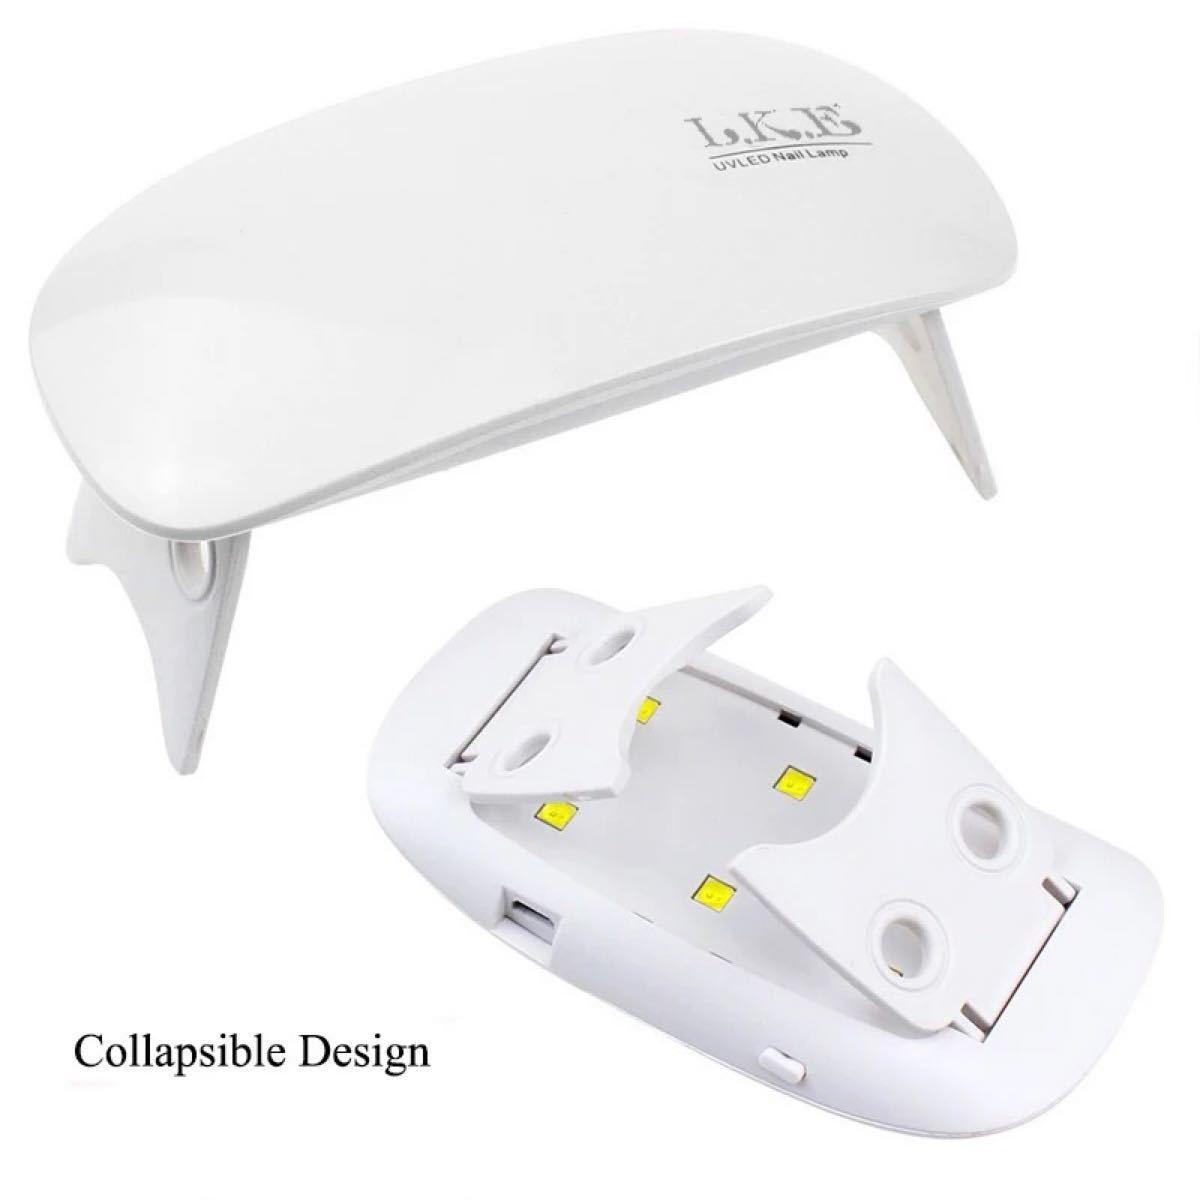 超!超薄型ミニ!LKE 12W LED/UVコンパクトネイルドライヤー